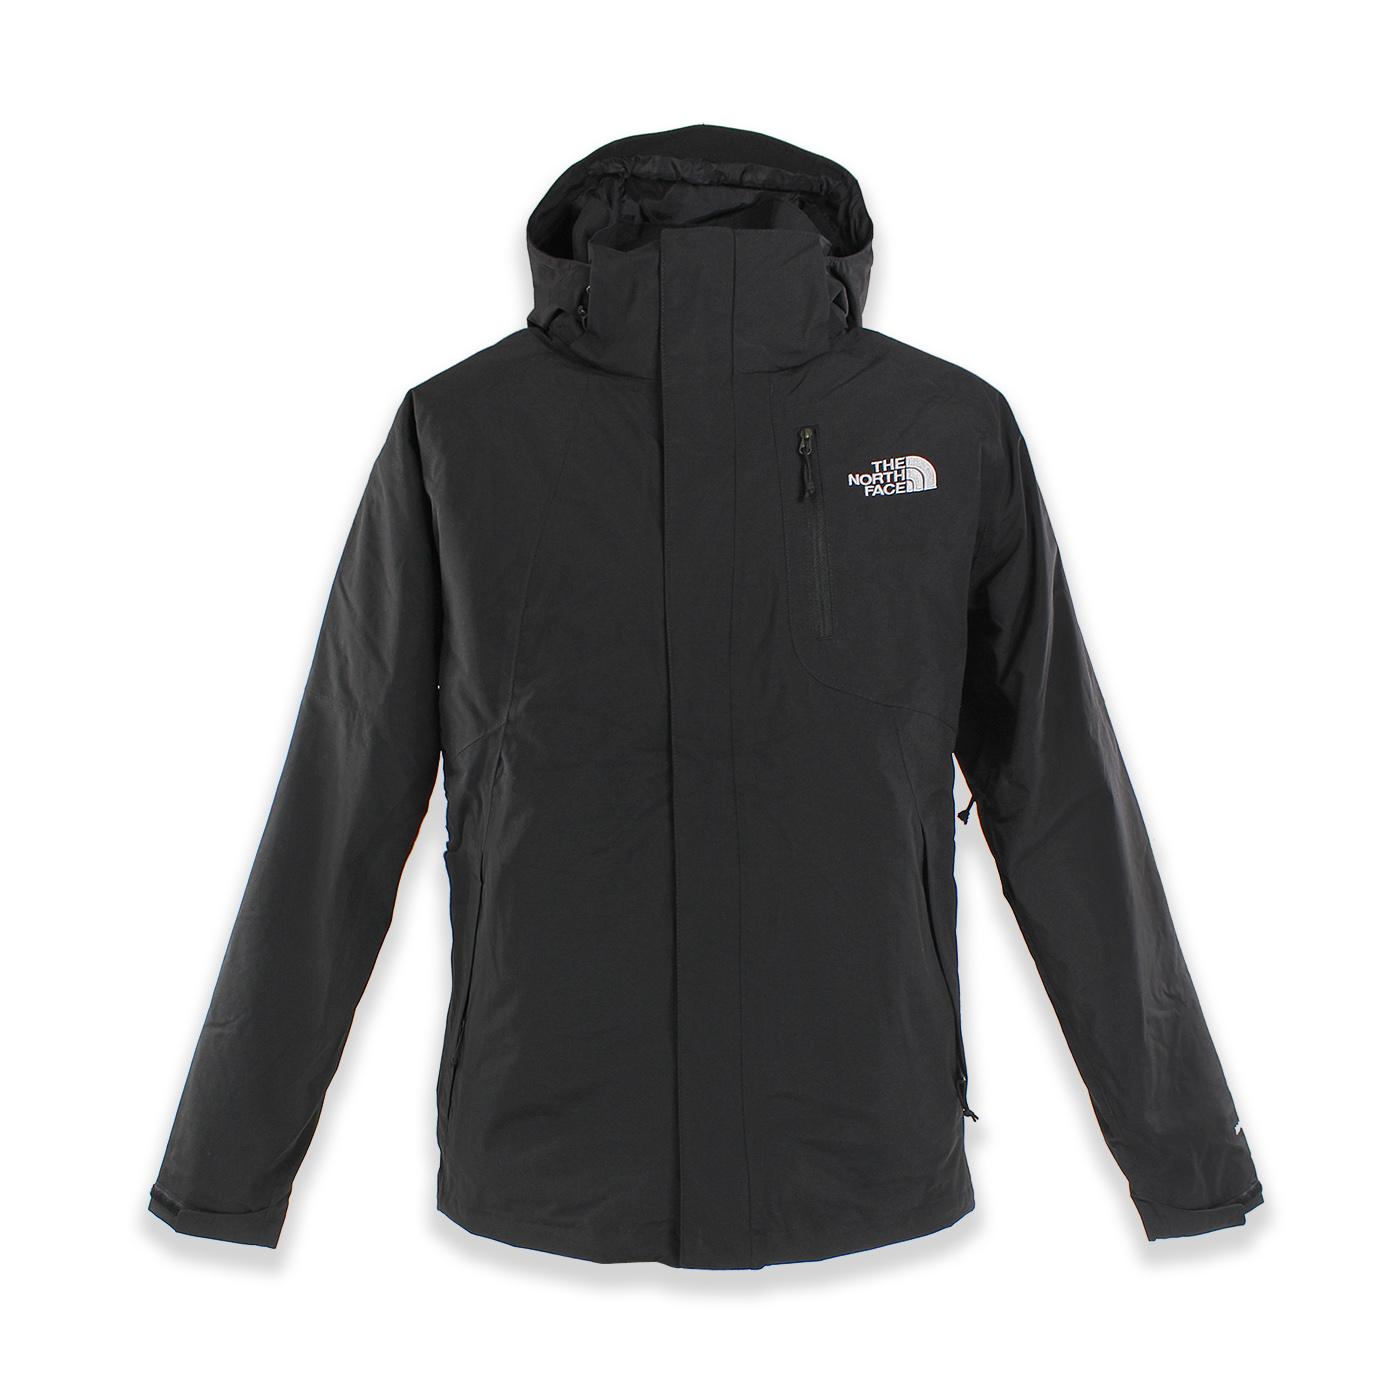 美國百分百【The North Face】防風 連帽 外套 TNF 防水 保暖 刷毛 兩件式 北臉 黑色 S號 F789